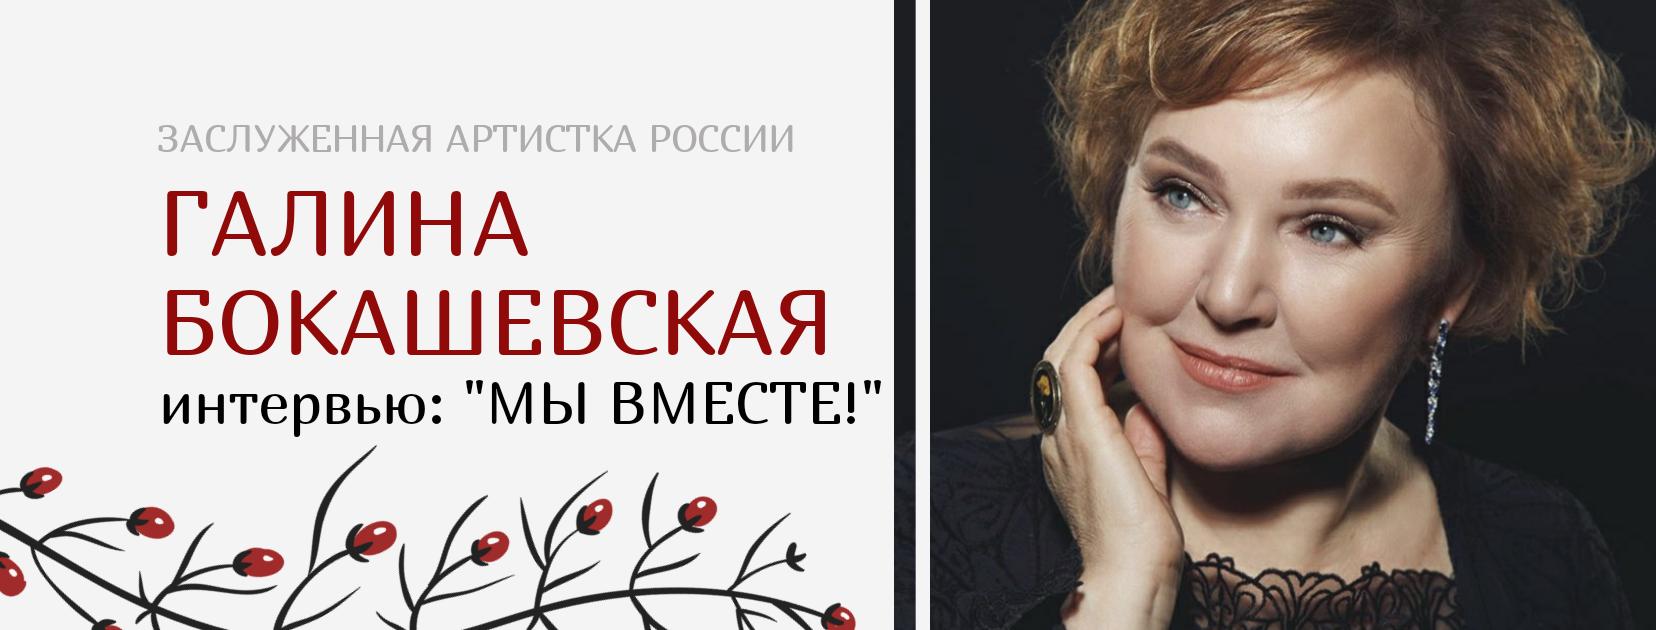 """Интервью заслуженной артистки России Галины Бокашевской: """"Мы вместе!"""" ТК Экополис premium"""